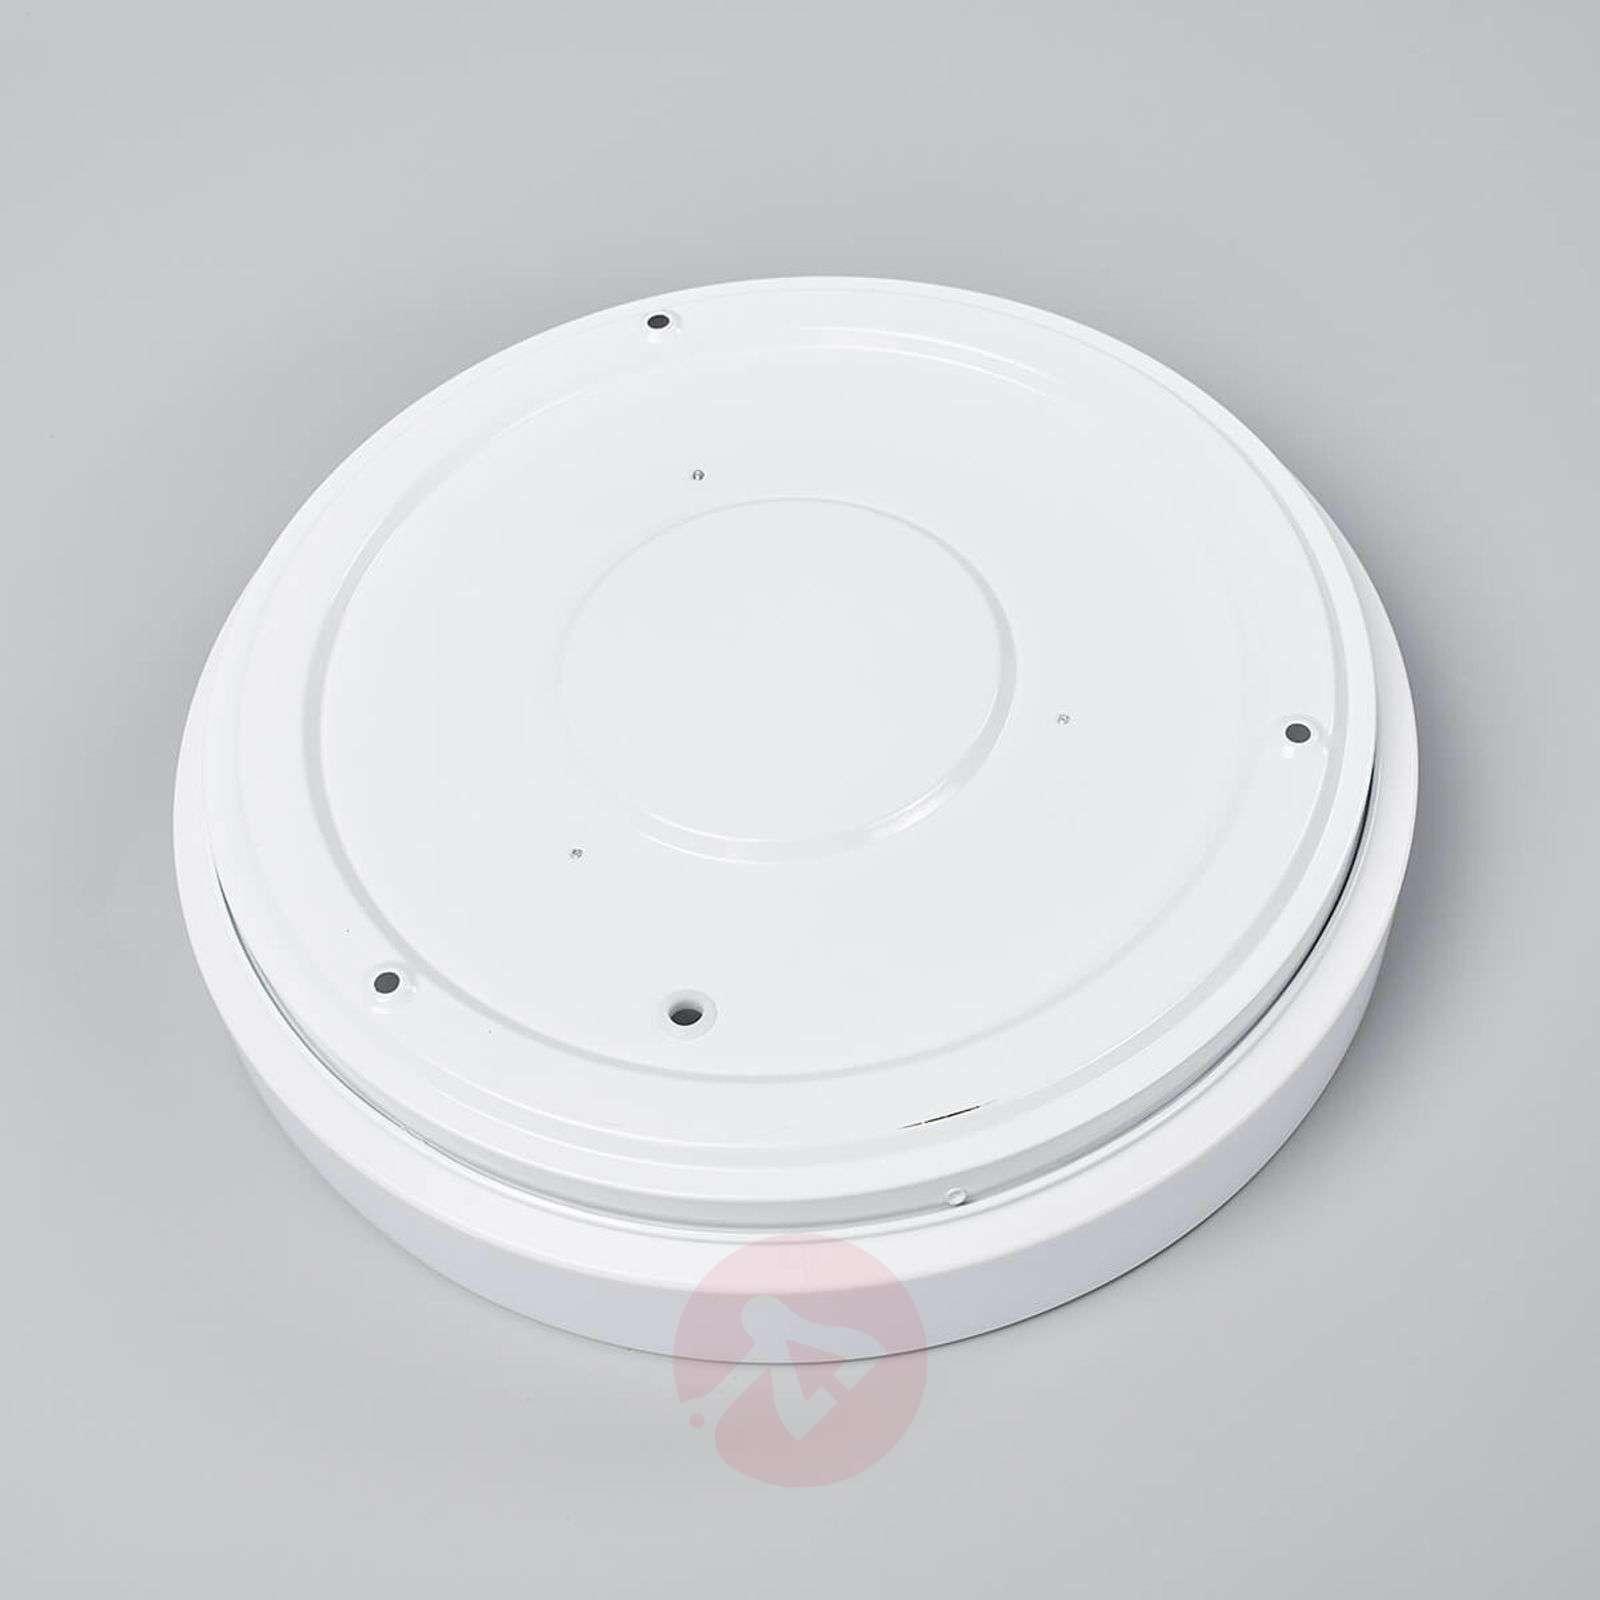 Levina – pyöreä LED-kattovalaisin-9974021-01